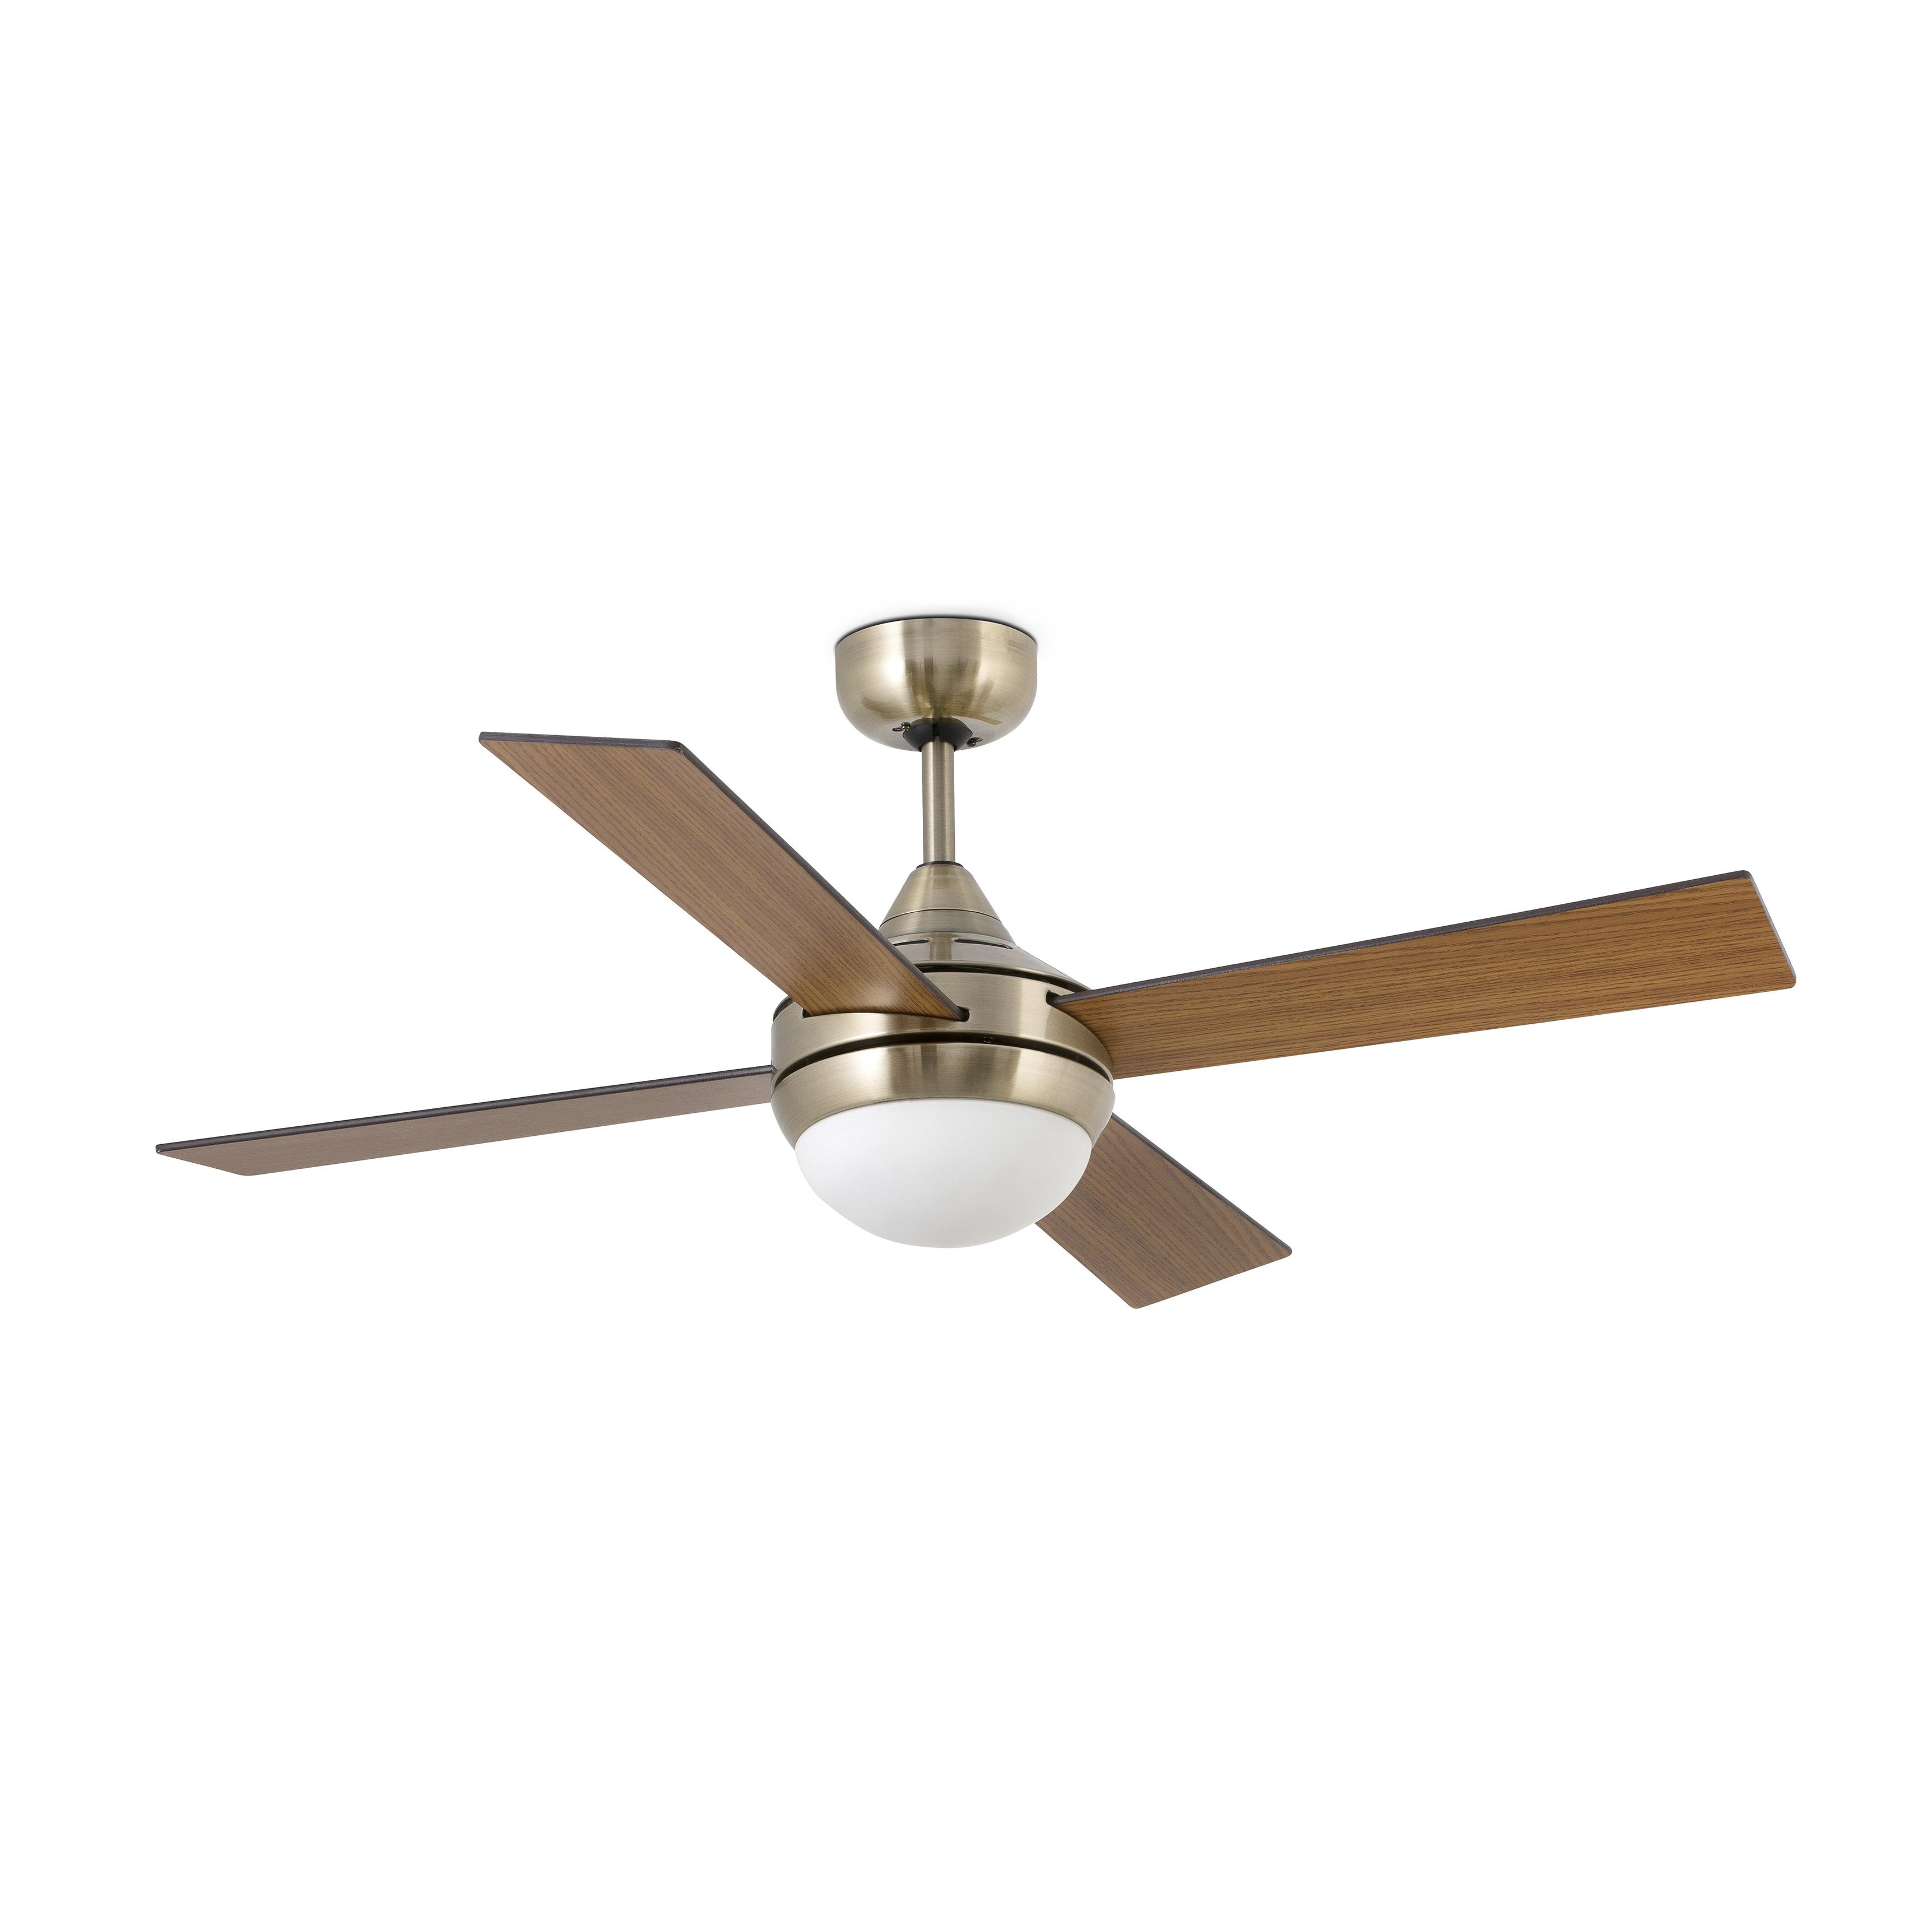 faro ventilateur de plafond mini icaria laiton 107 cm ventilateurs de plafond pour particulier. Black Bedroom Furniture Sets. Home Design Ideas